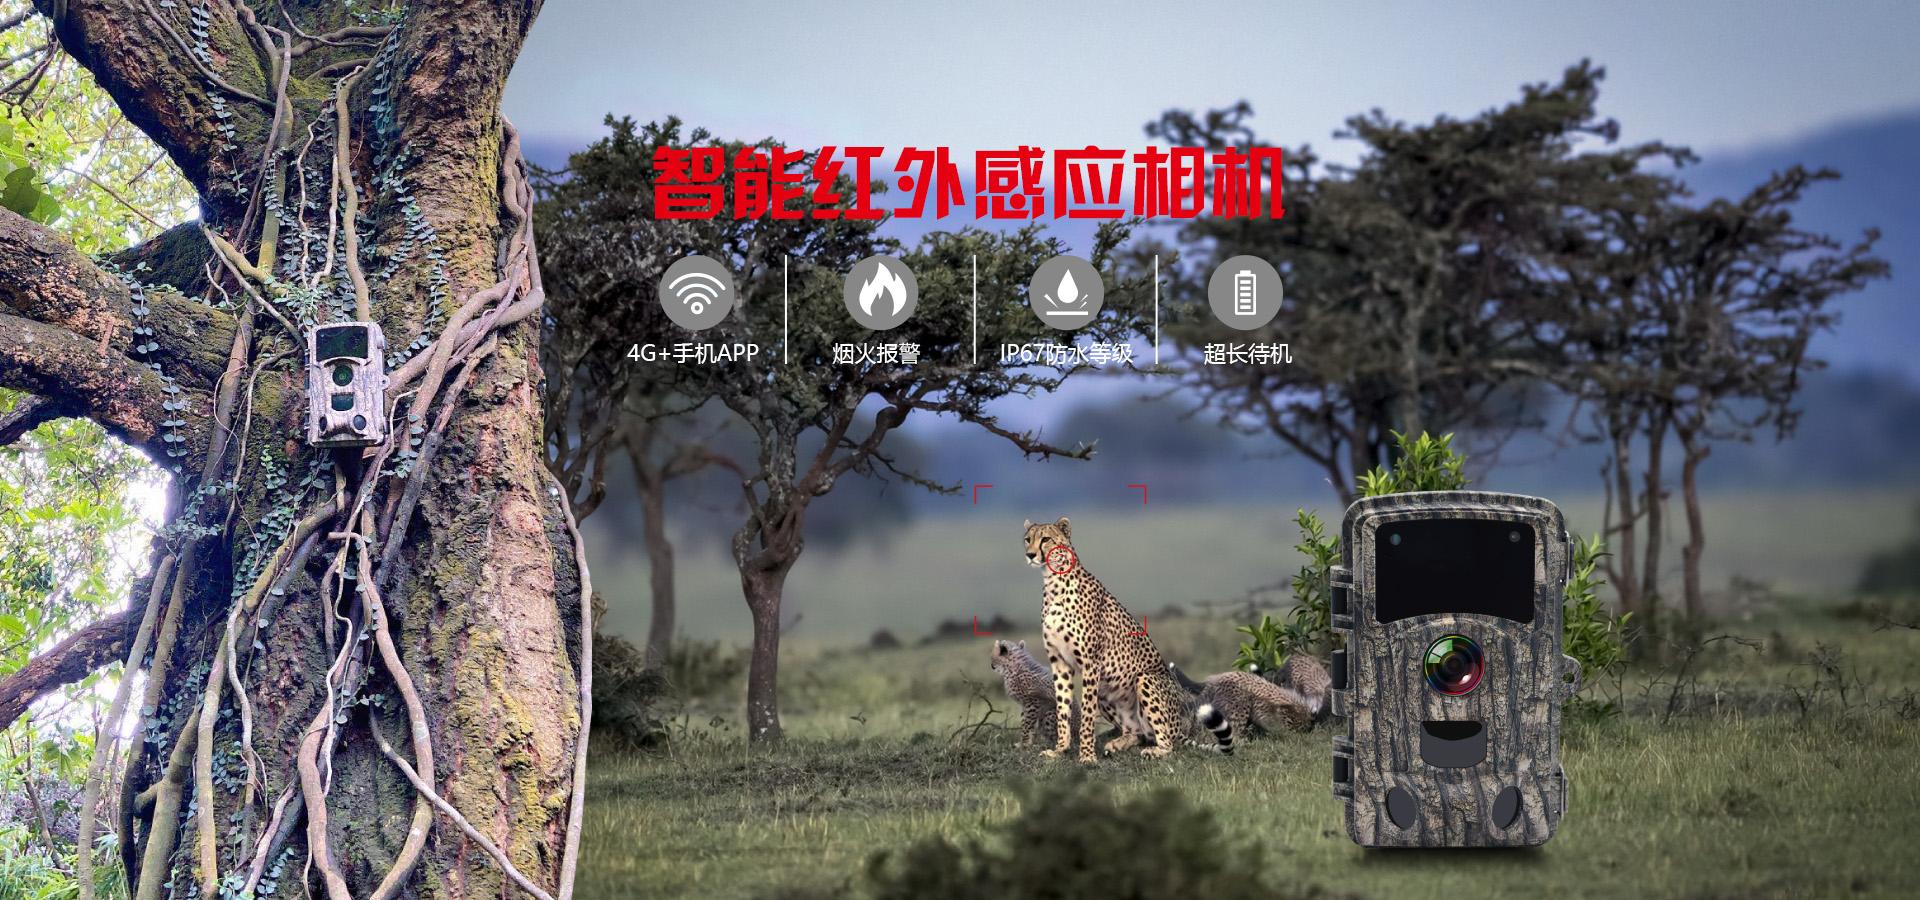 打猎相机,林业相机